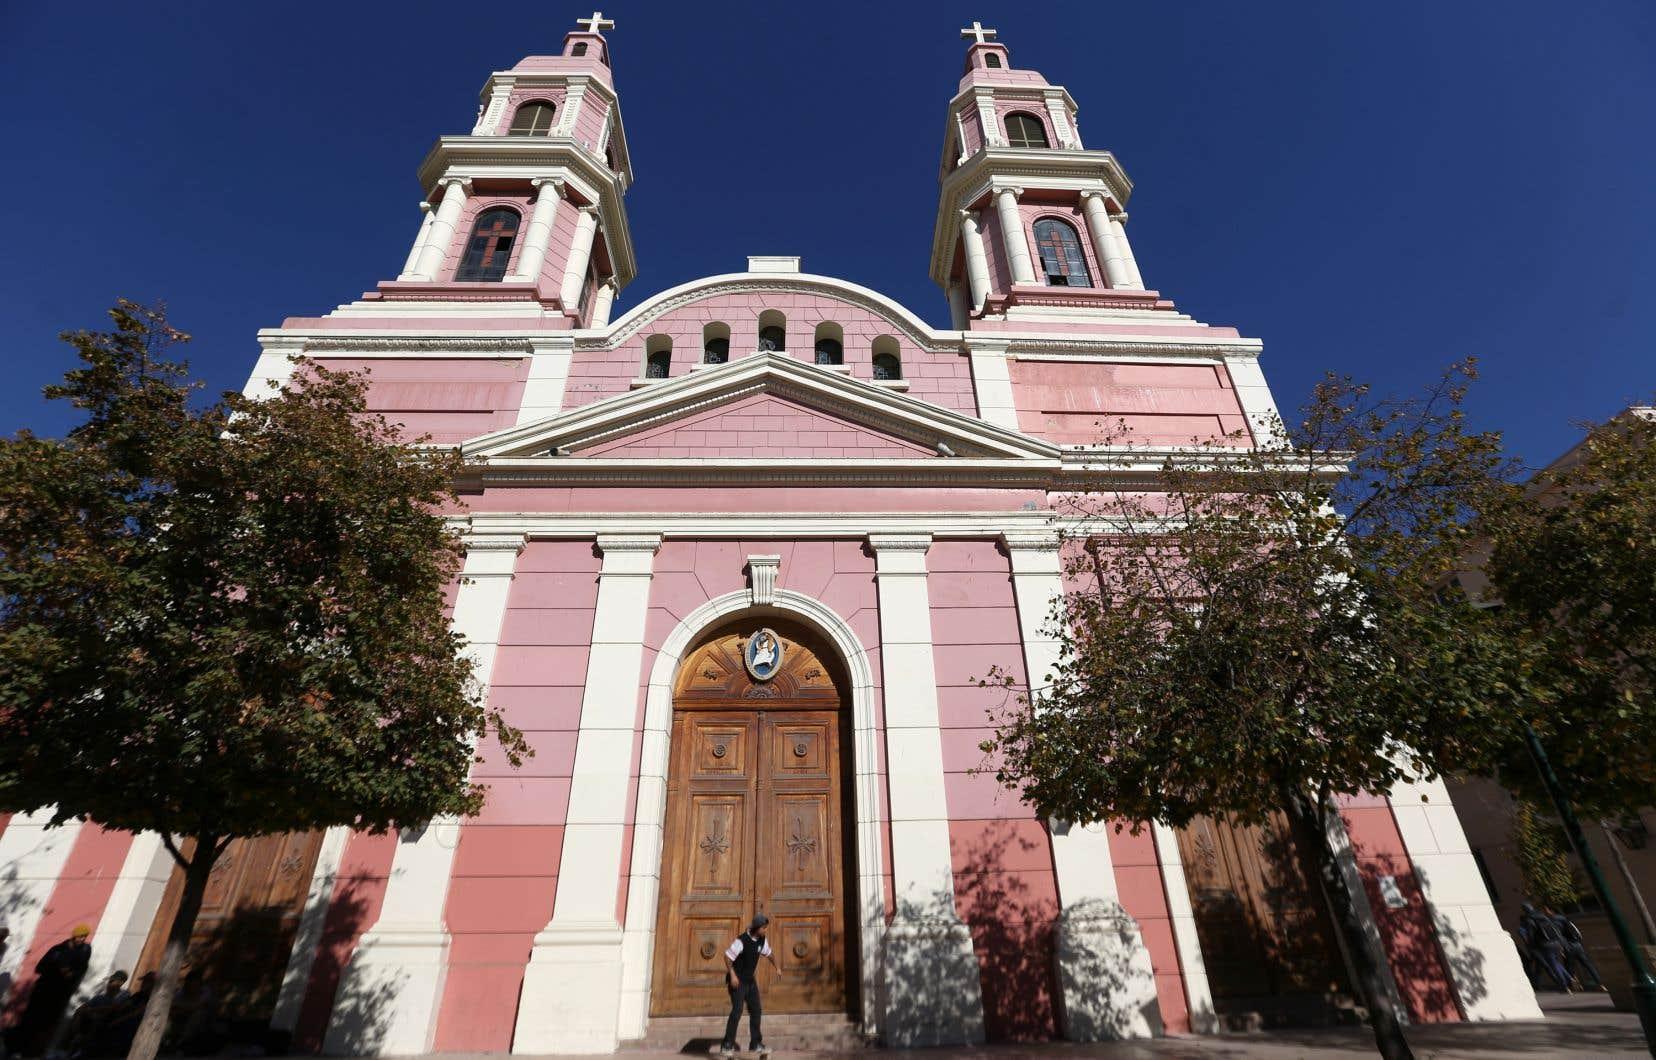 Plus tôt cette semaine, l'évêché de la ville chilienne de Rancagua a annoncé la suspension de 14 prêtres impliqués dans un nouveau scandale d'abus sexuels.